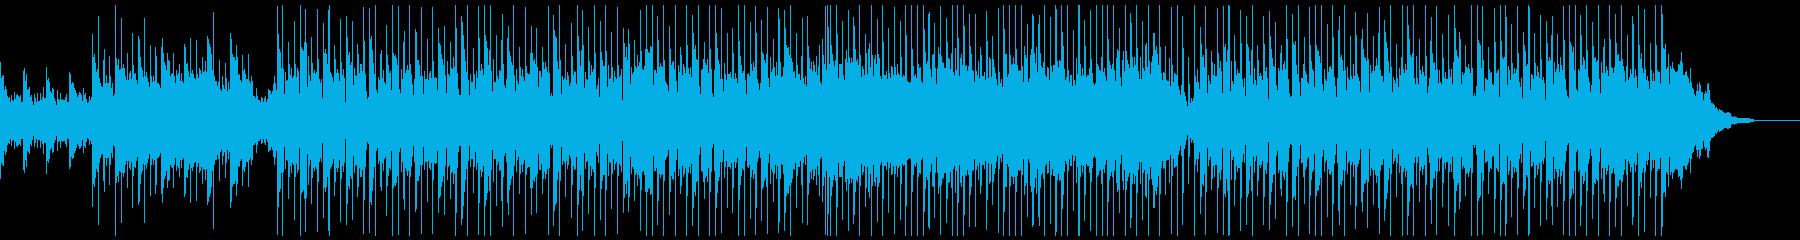 企業VP、ピアノ、4つ打ち、No.5の再生済みの波形